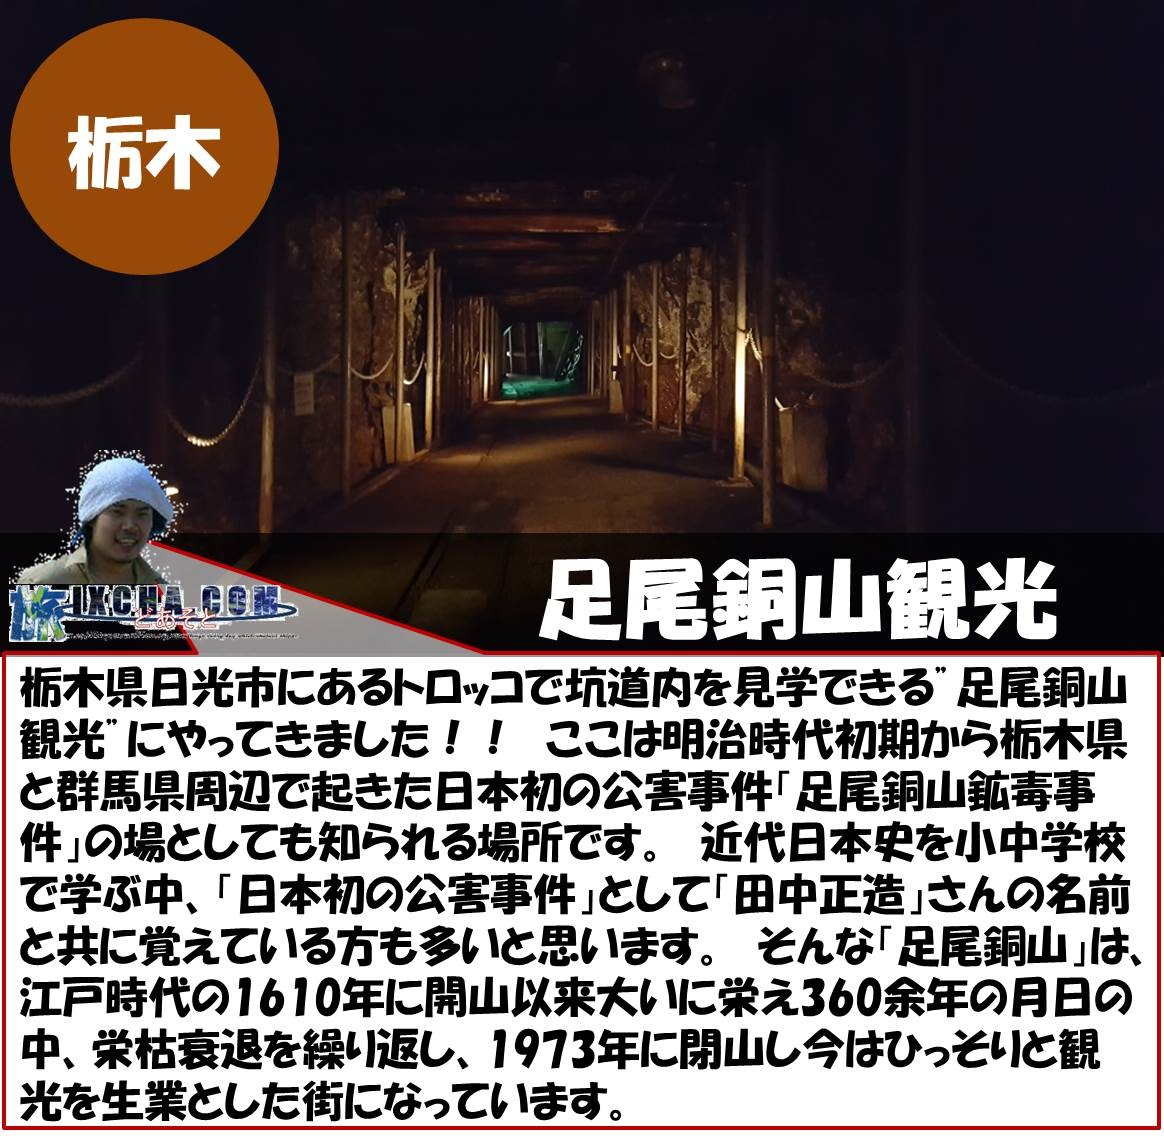 """栃木県日光市にあるトロッコで坑道内を見学できる""""足尾銅山観光""""にやってきました!! ここは明治時代初期から栃木県と群馬県周辺で起きた日本初の公害事件「足尾銅山鉱毒事件」の場としても知られる場所です。 近代日本史を小中学校で学ぶ中、「日本初の公害事件」として「田中正造」さんの名前と共に覚えている方も多いと思います。 そんな「足尾銅山」は、江戸時代の1610年に開山以来大いに栄え360余年の月日の中、栄枯衰退を繰り返し、1973年に閉山し今はひっそりと観光を生業とした街になっています。"""